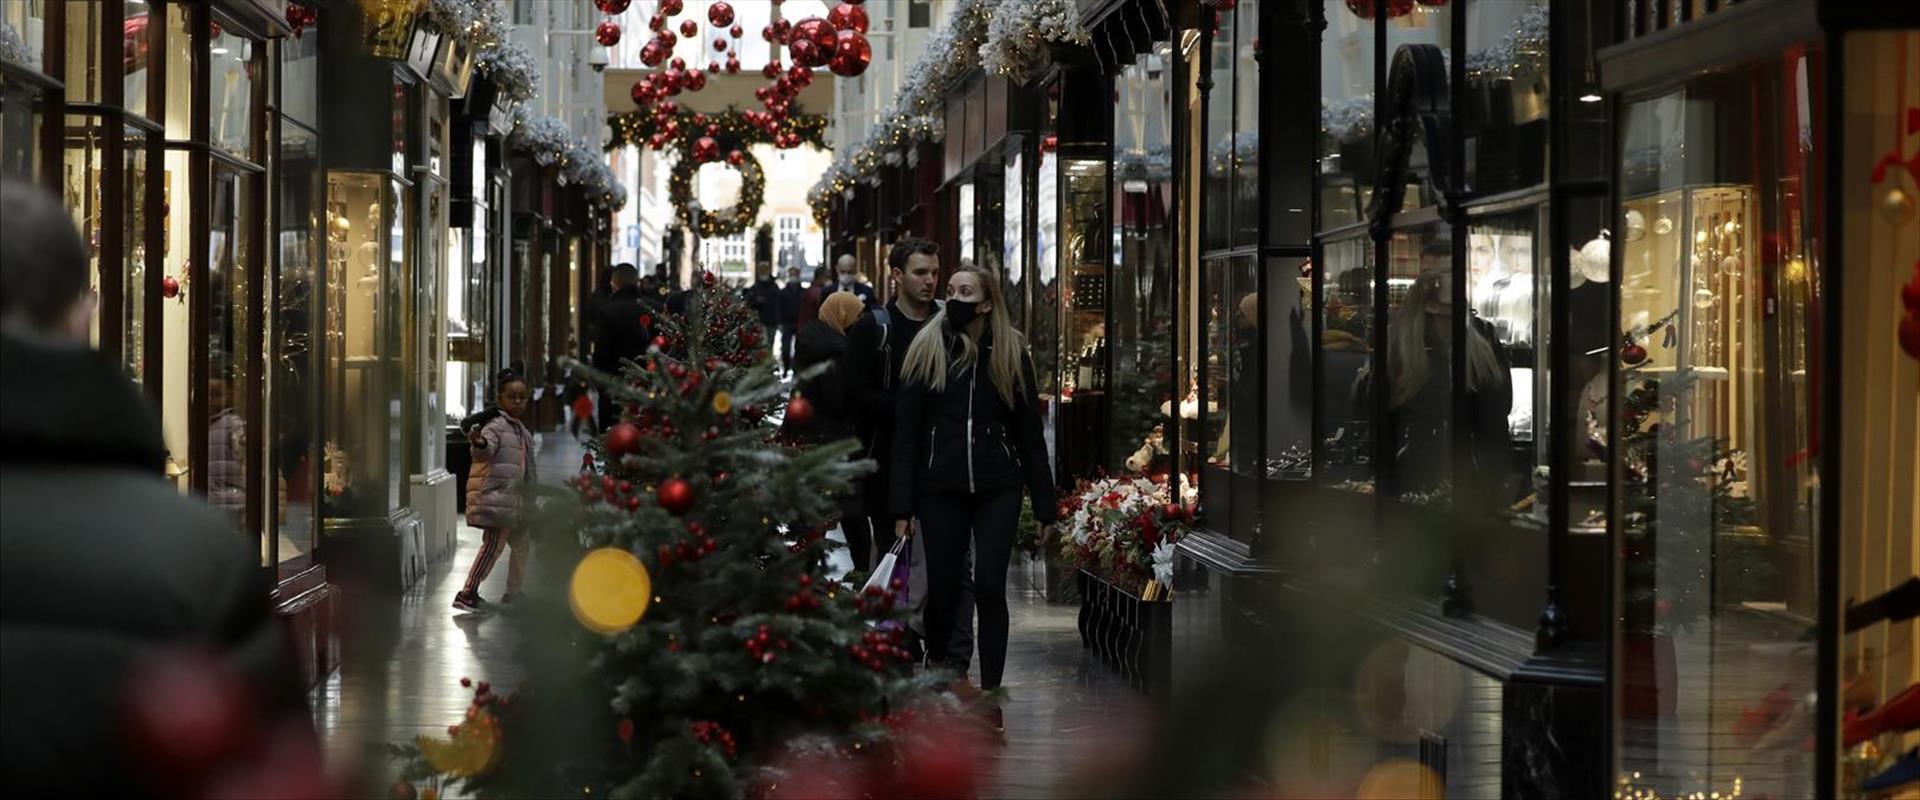 חג המולד בלונדון